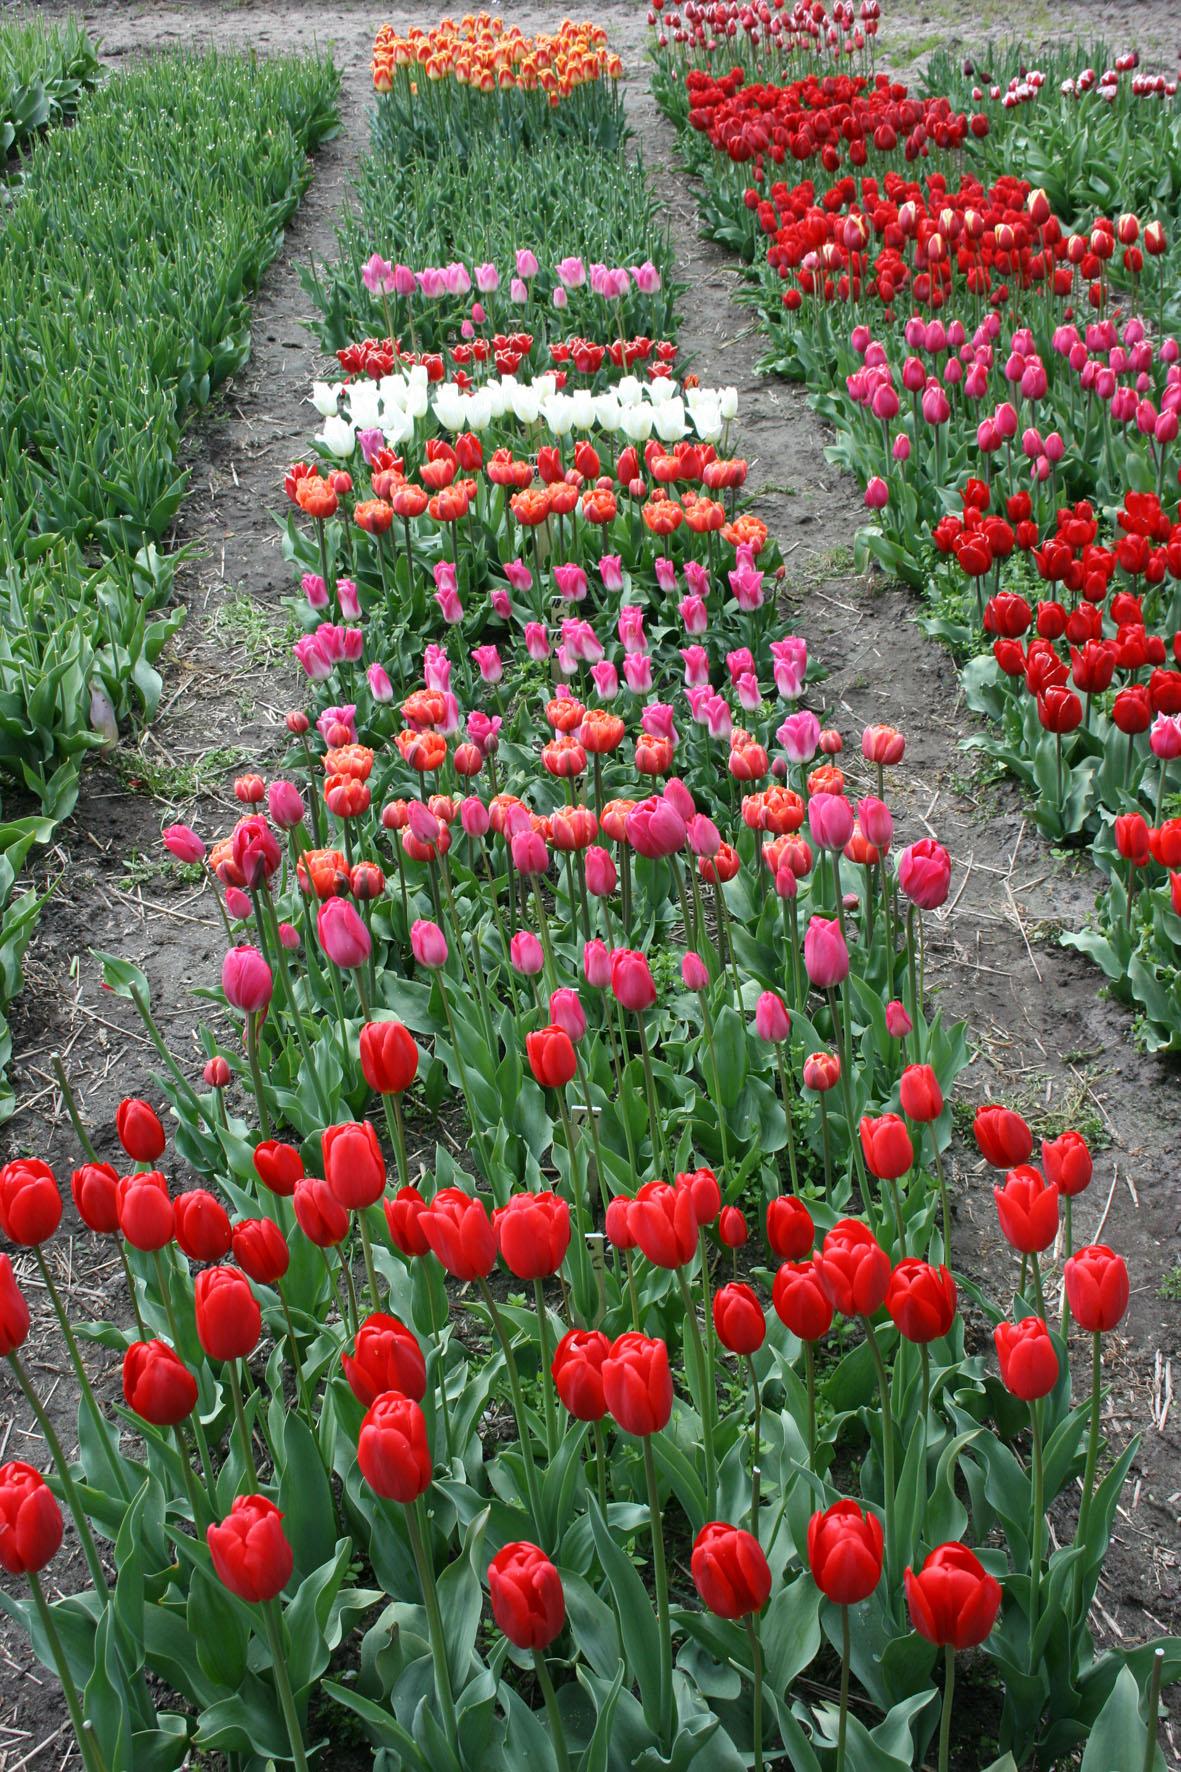 zaailingen tulp 14 mei 2010 067 Van der Slot Lisse21